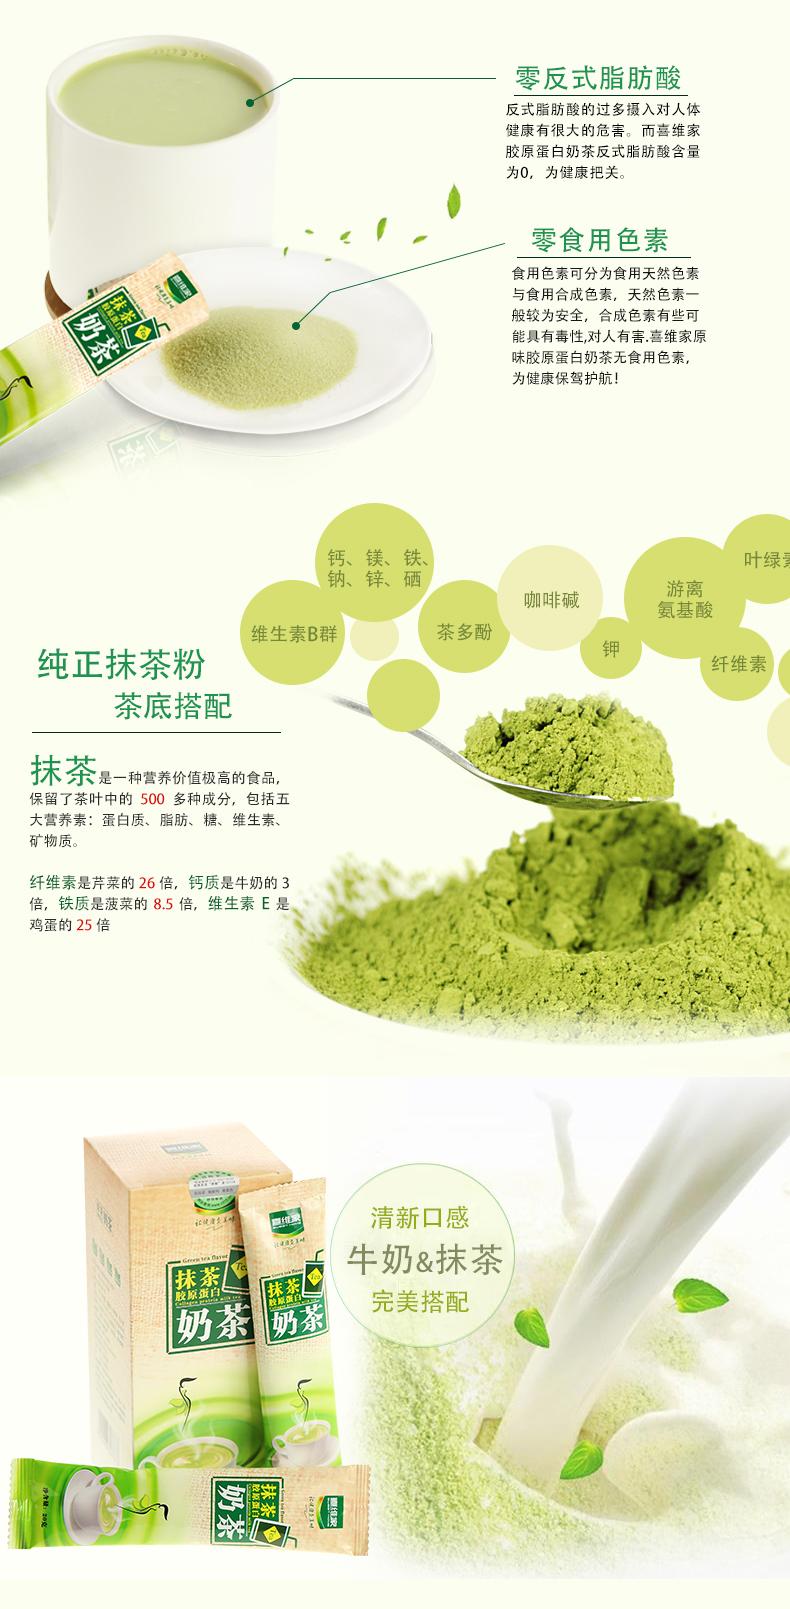 喜维家抹茶味奶茶 抹茶粉 速溶袋装冲剂 原味奶茶 10